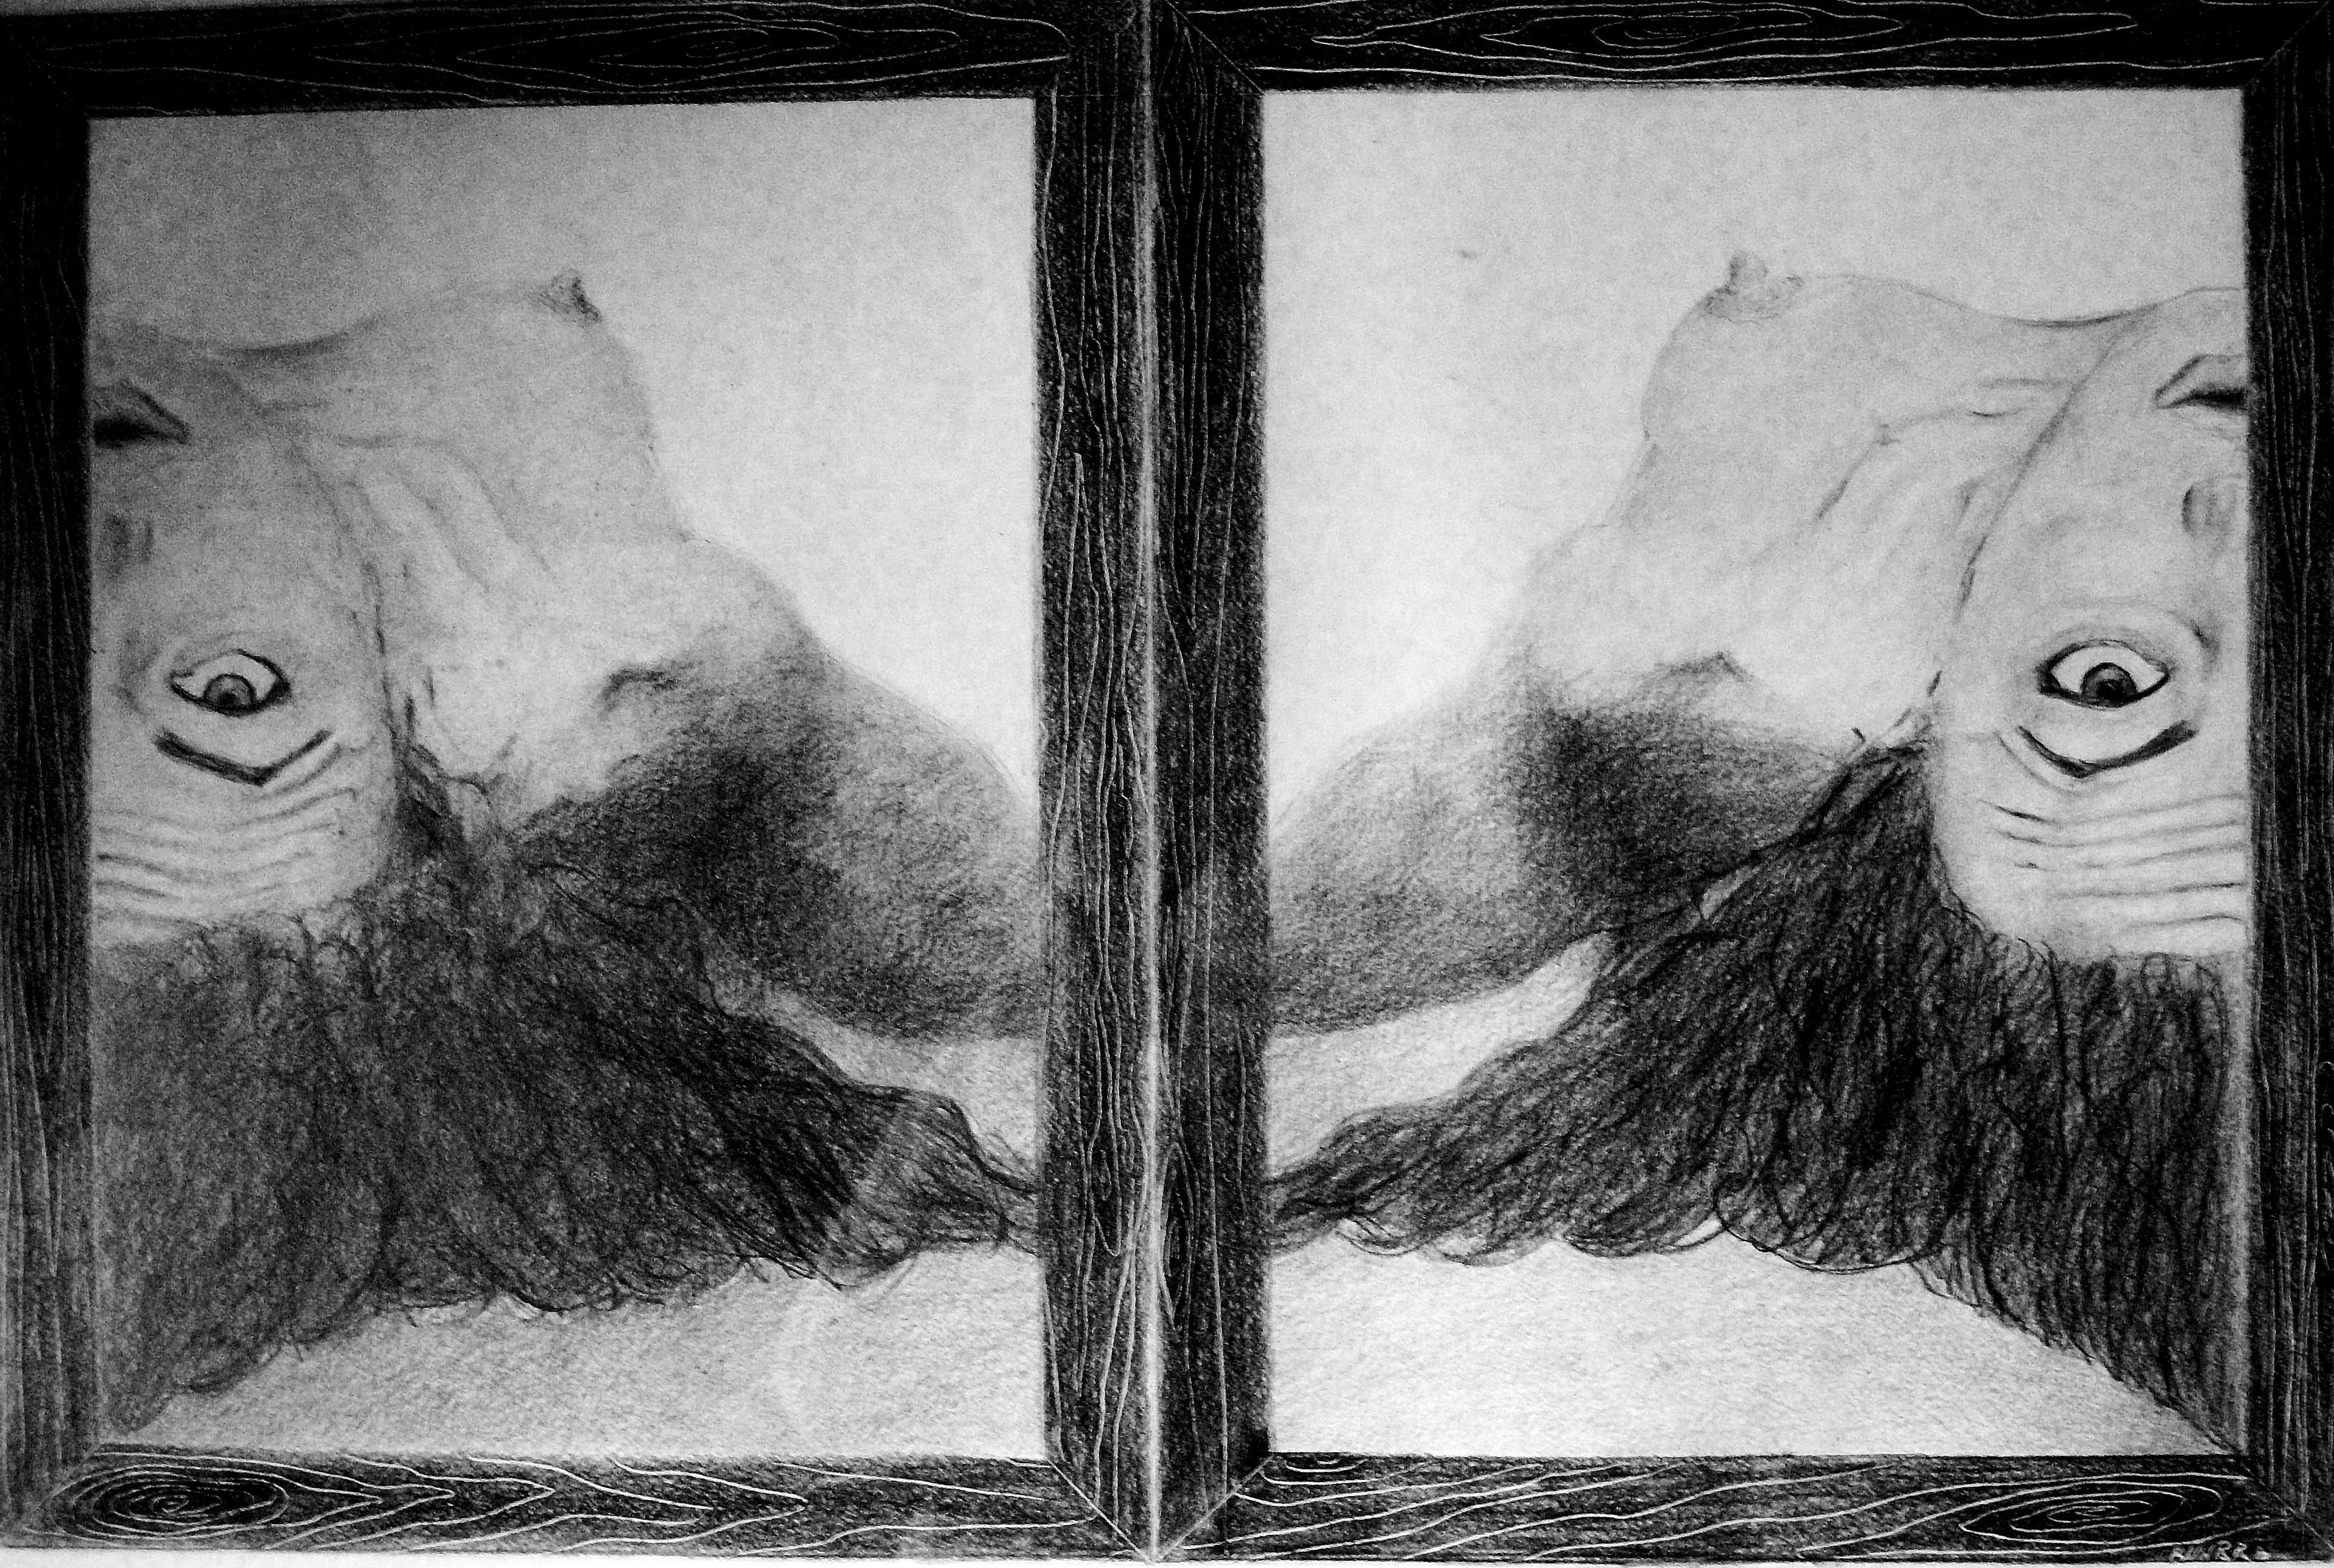 Wonderlijk Gratis Afbeeldingen : zwart en wit, portret, monochroom JR-42